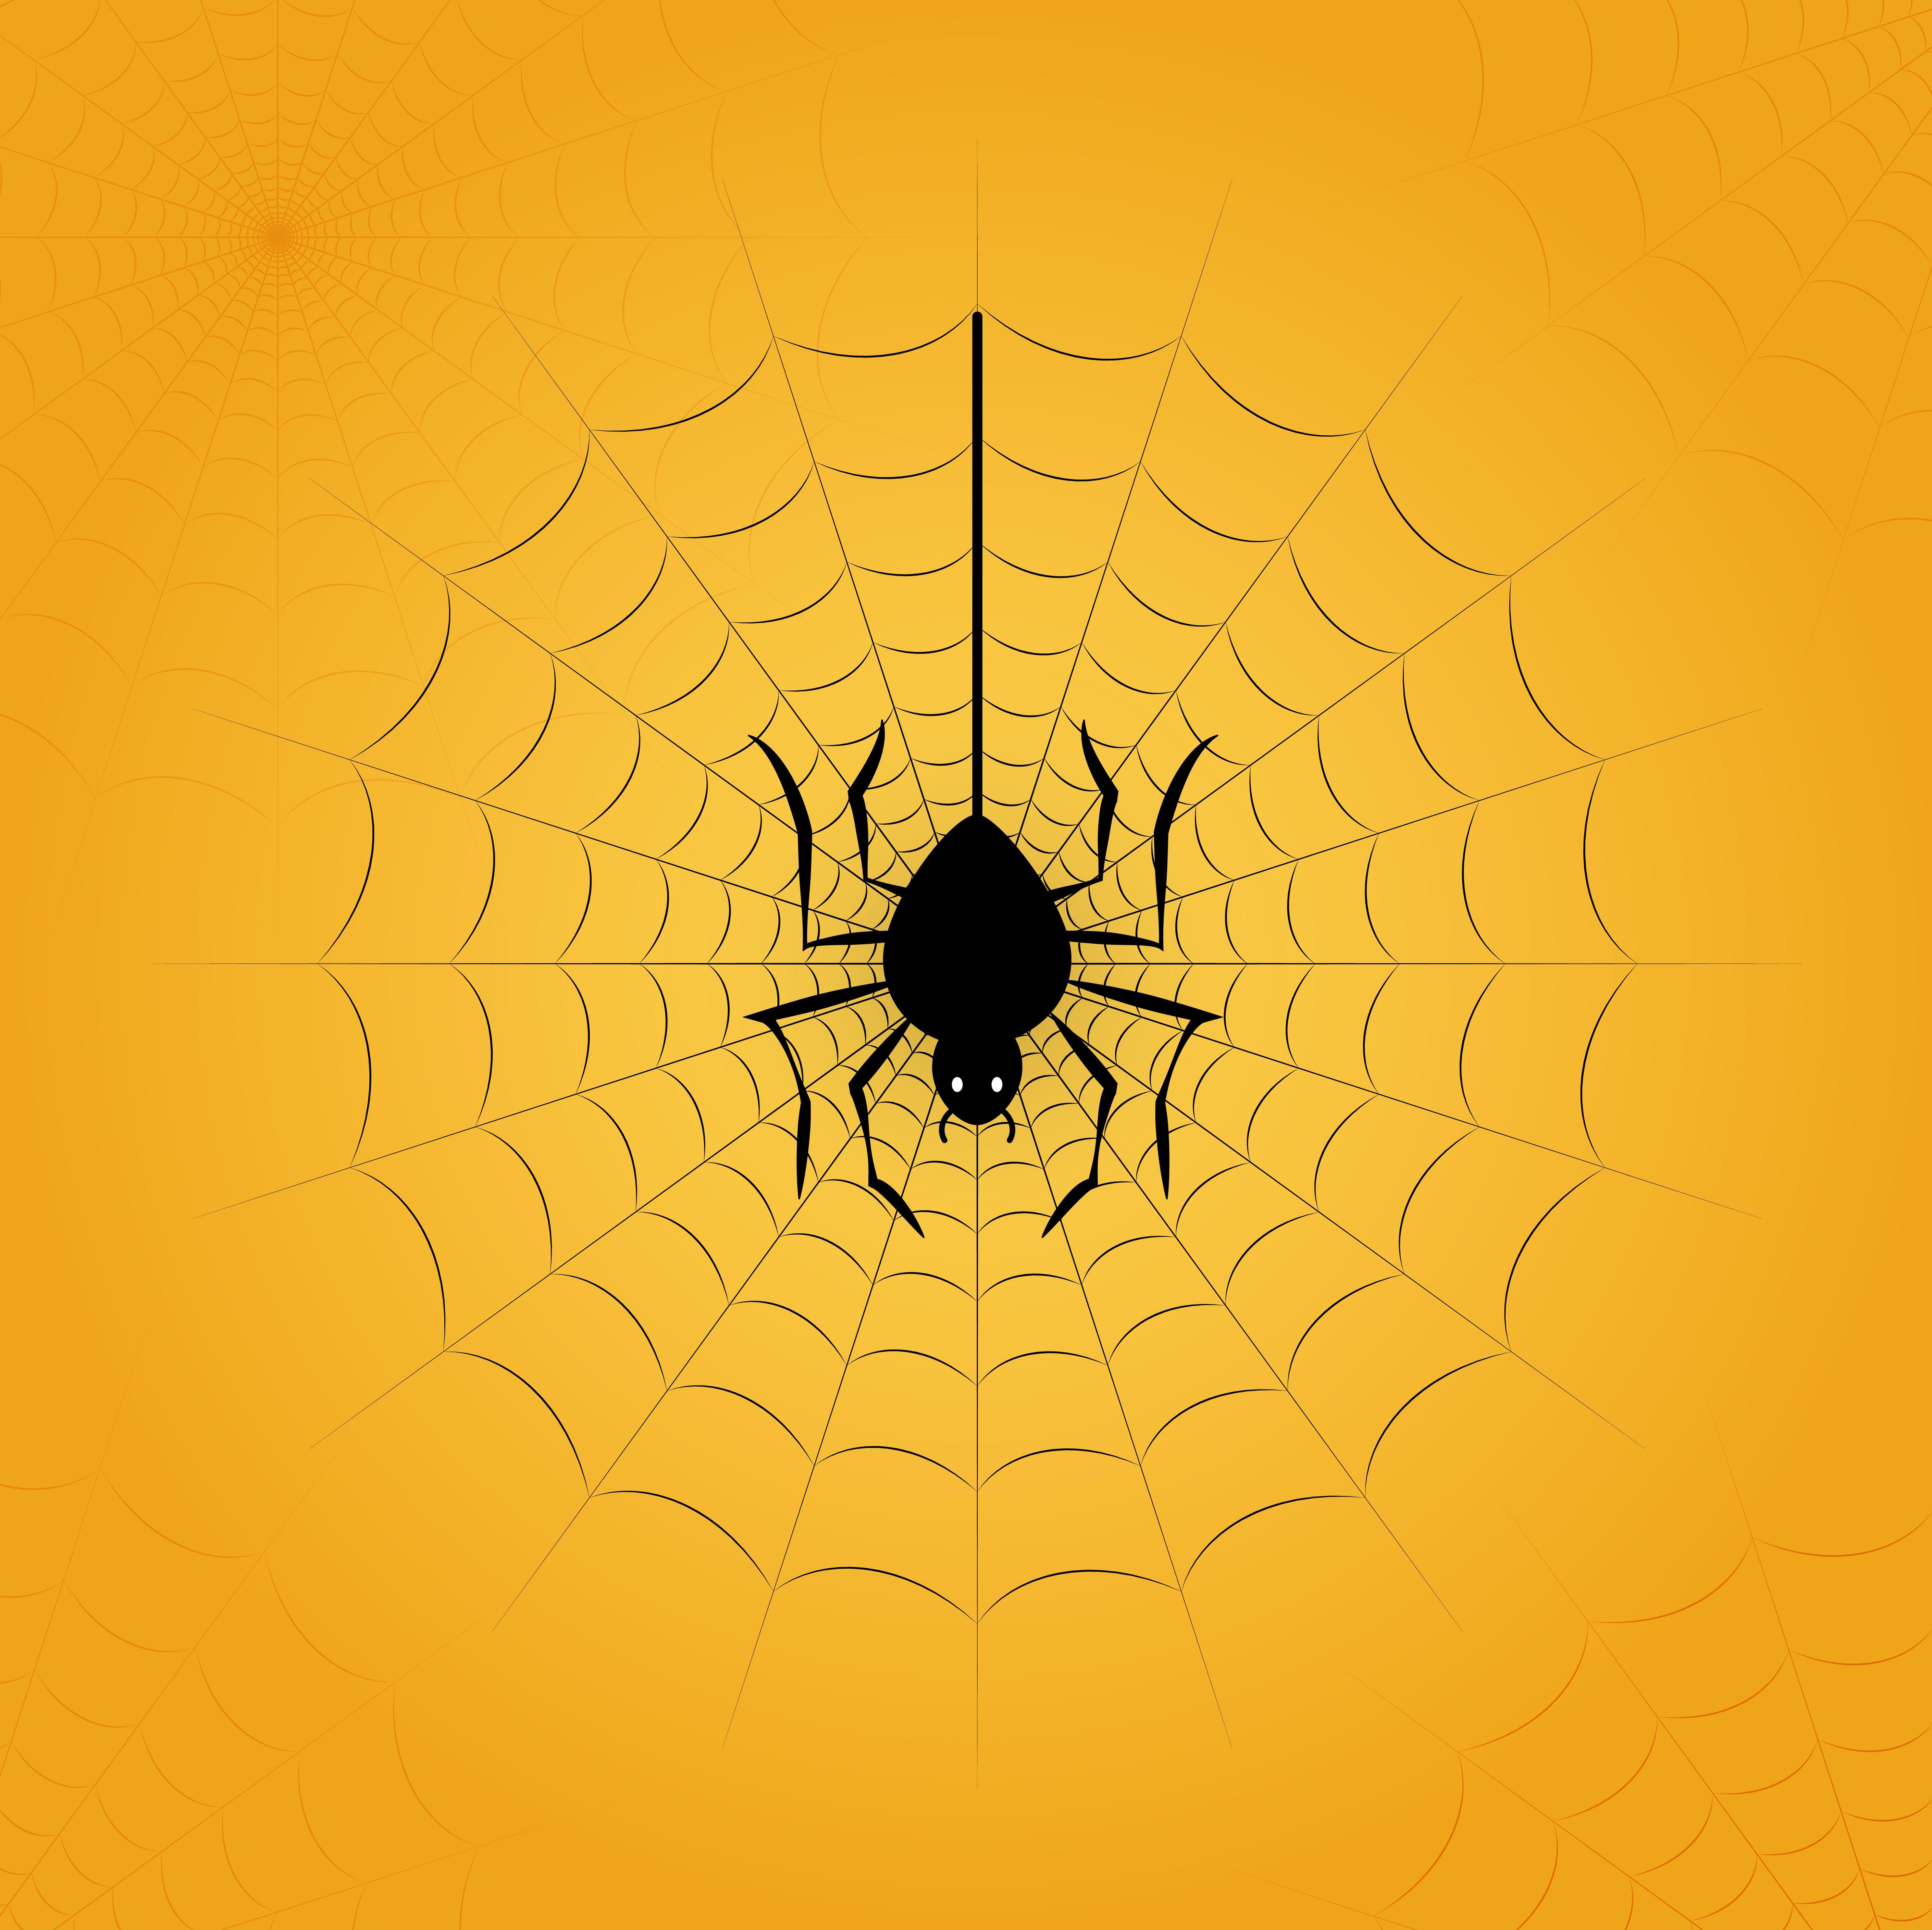 蜘蛛網圖 免費下載 | 天天瘋後製